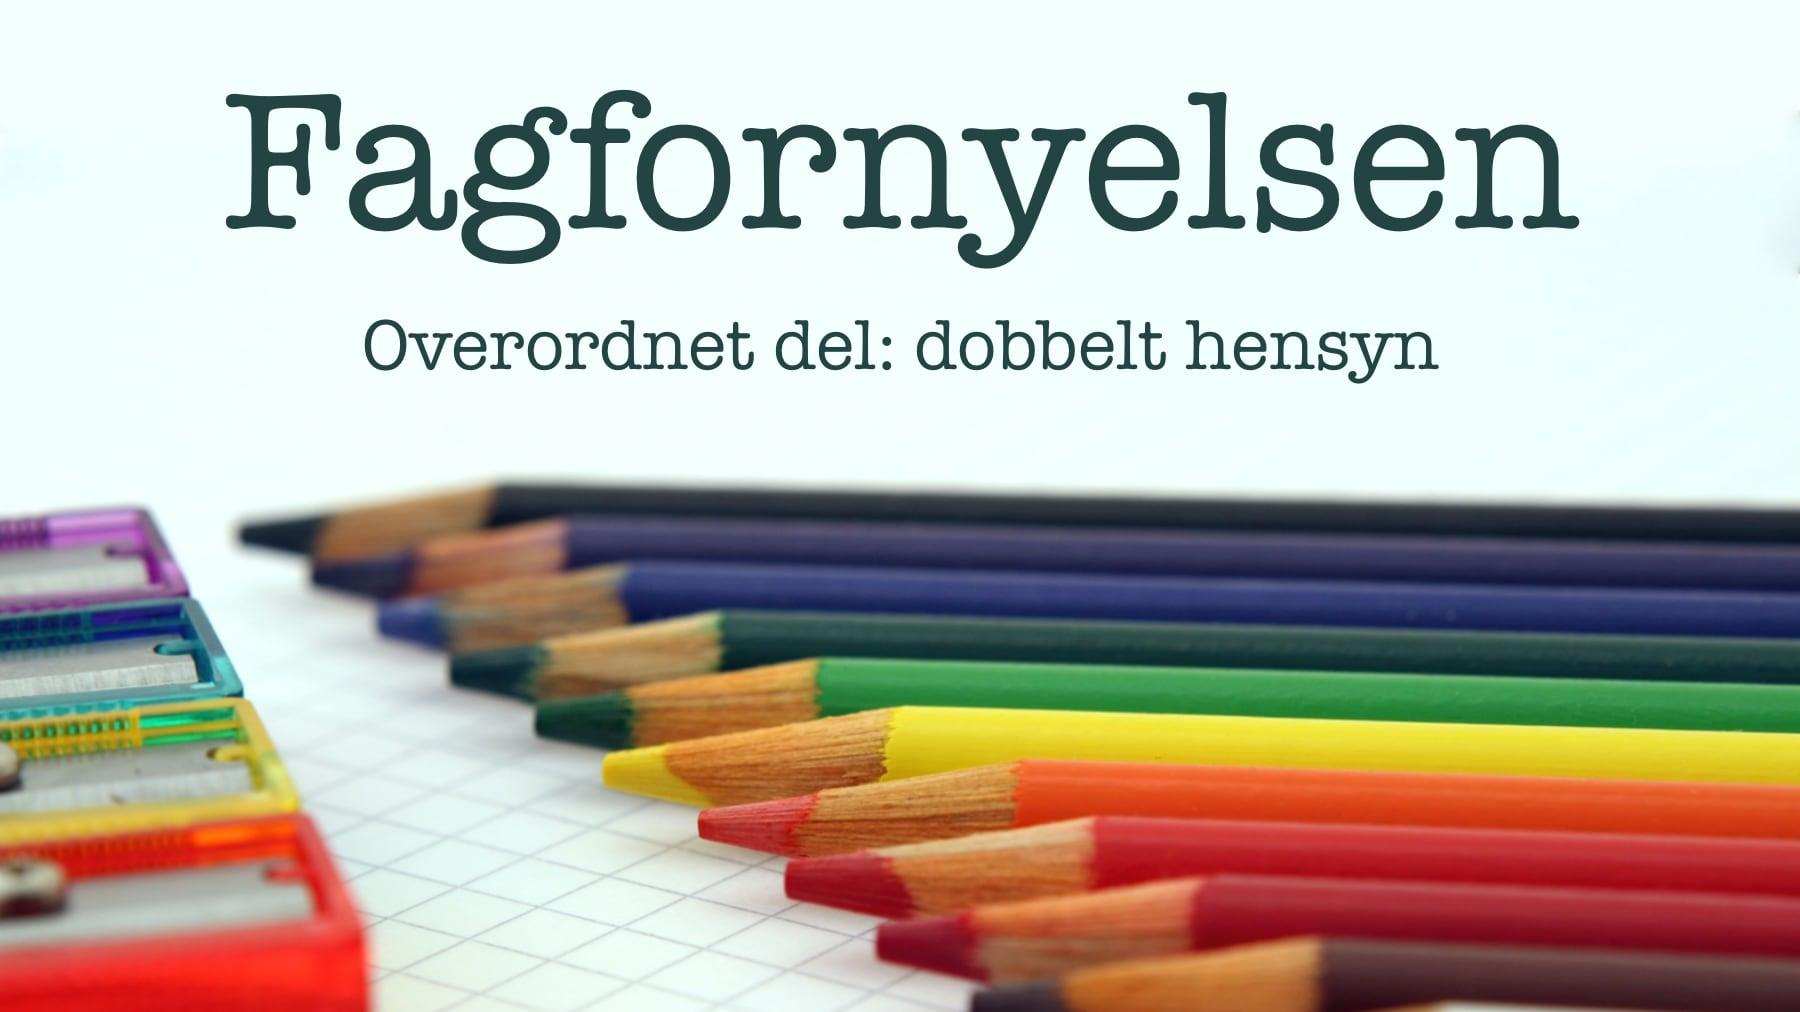 Fargeblyanter i mange farger + teksten: Fagfornyelsen, Overordnet del: dobbelt hensyn